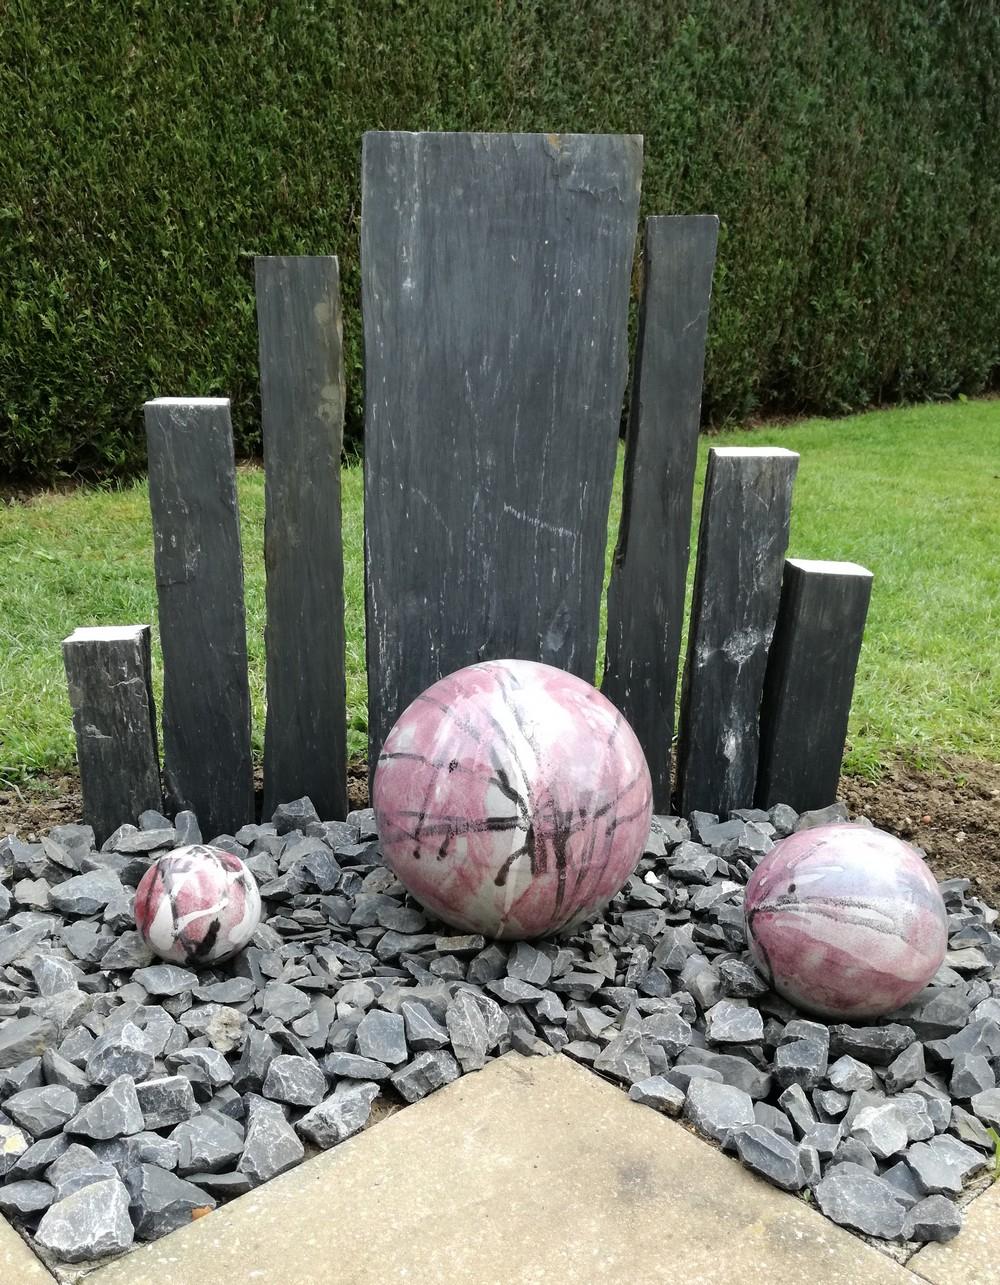 Boules En Grès Pour La Décoration Extérieure, Poteries De Jardin encequiconcerne Boule Décorative Pour Jardin